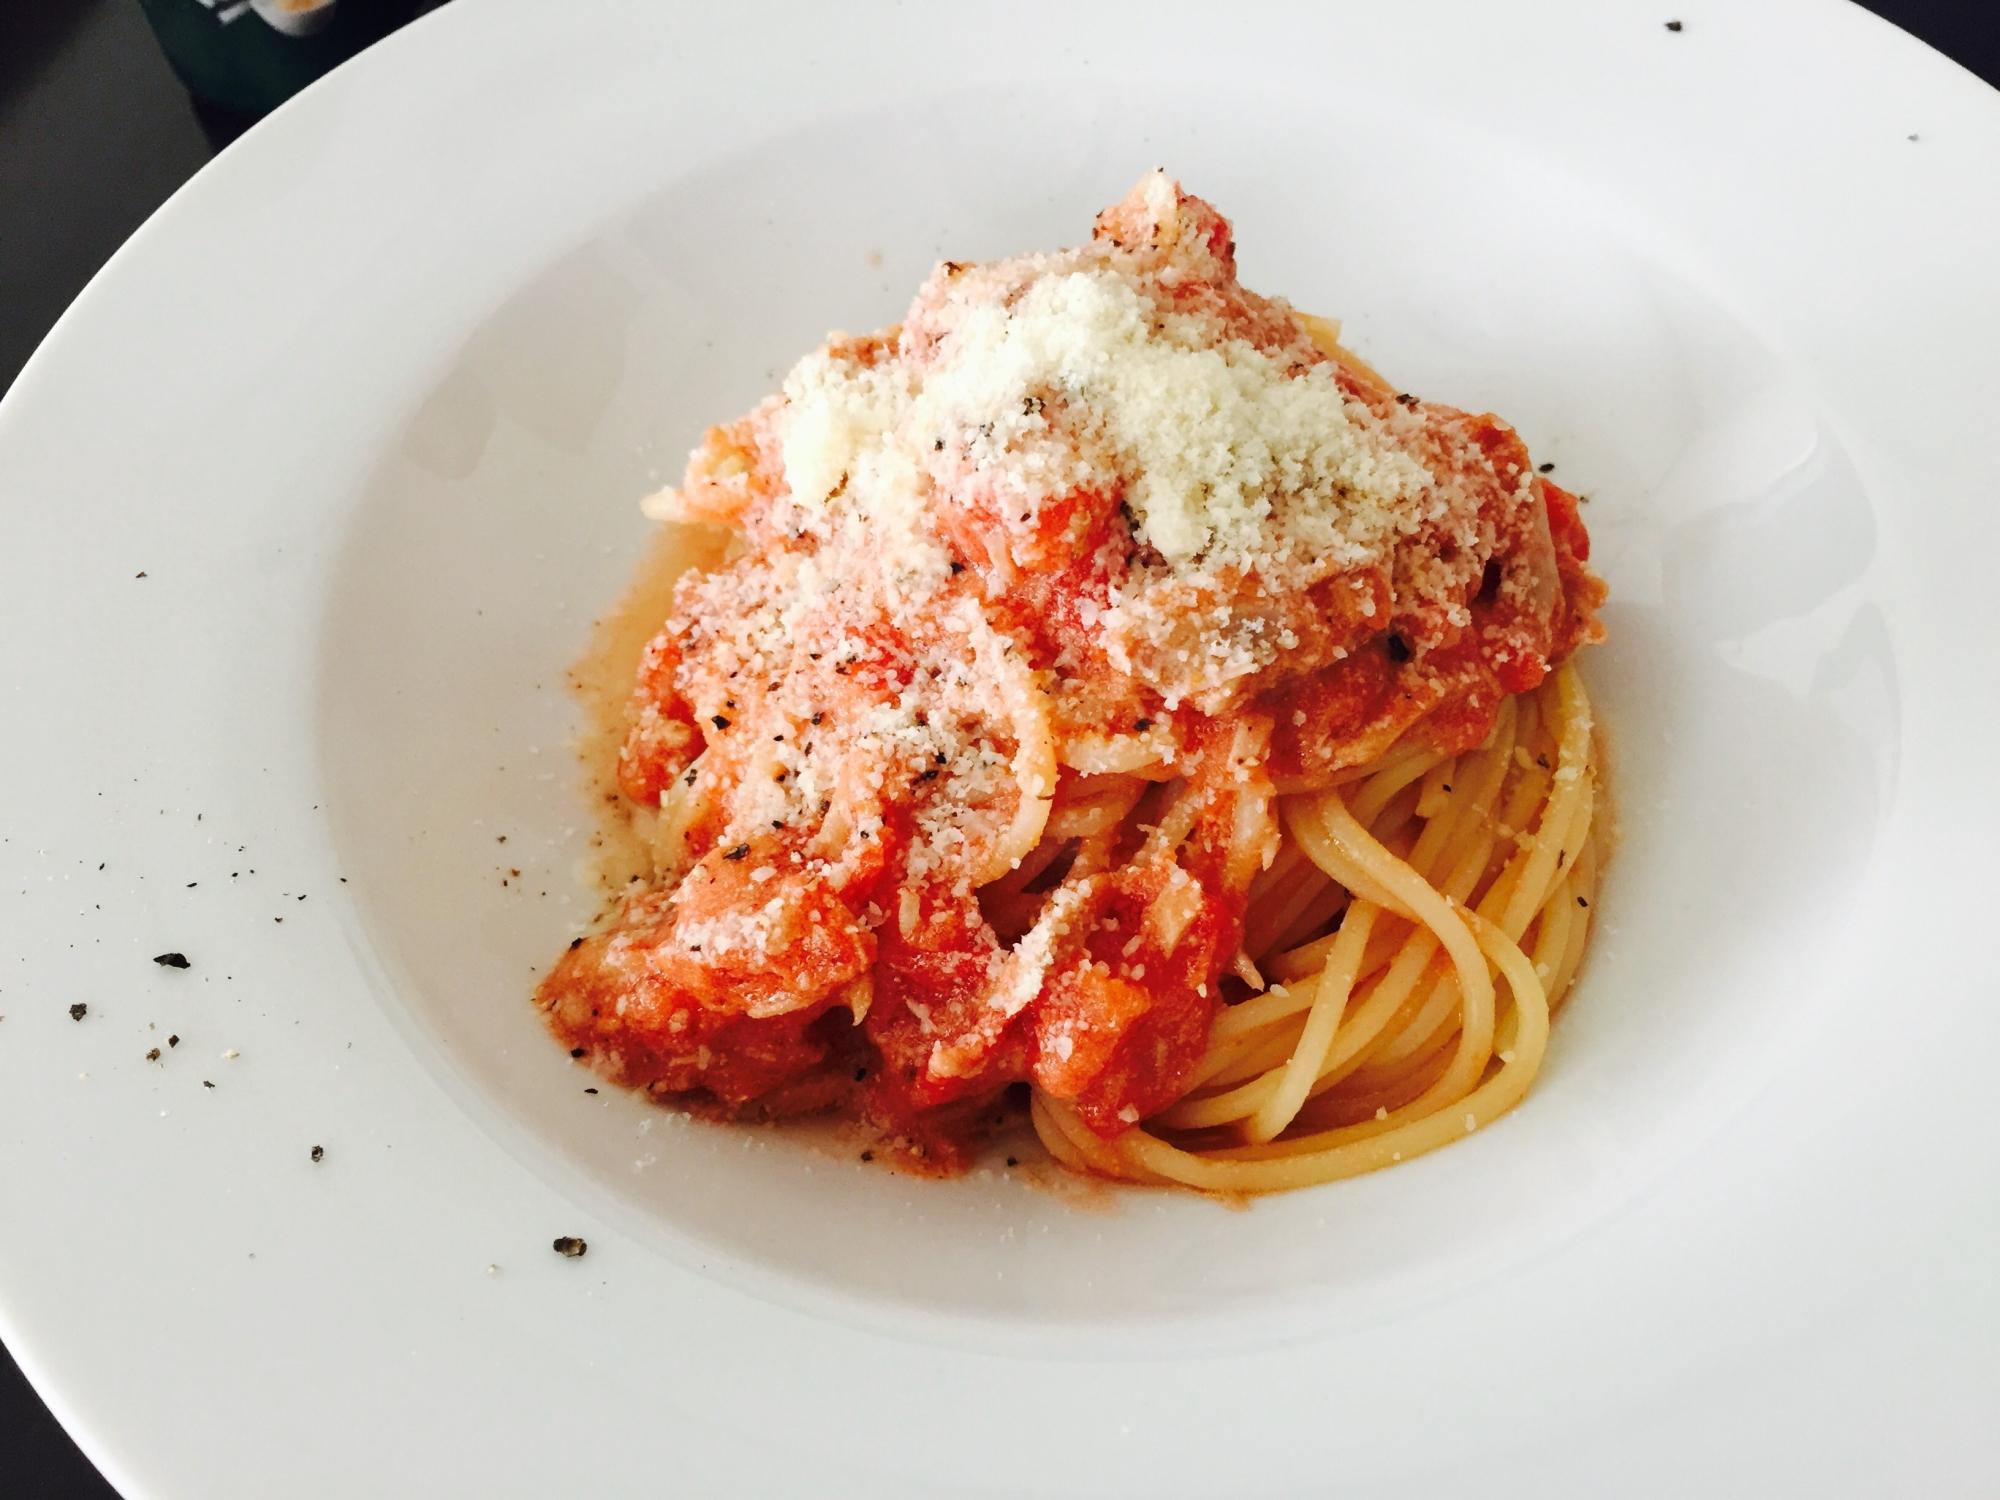 白い大皿に盛られた粉チーズのかけられたツナとトマトのクリームスパゲッティ